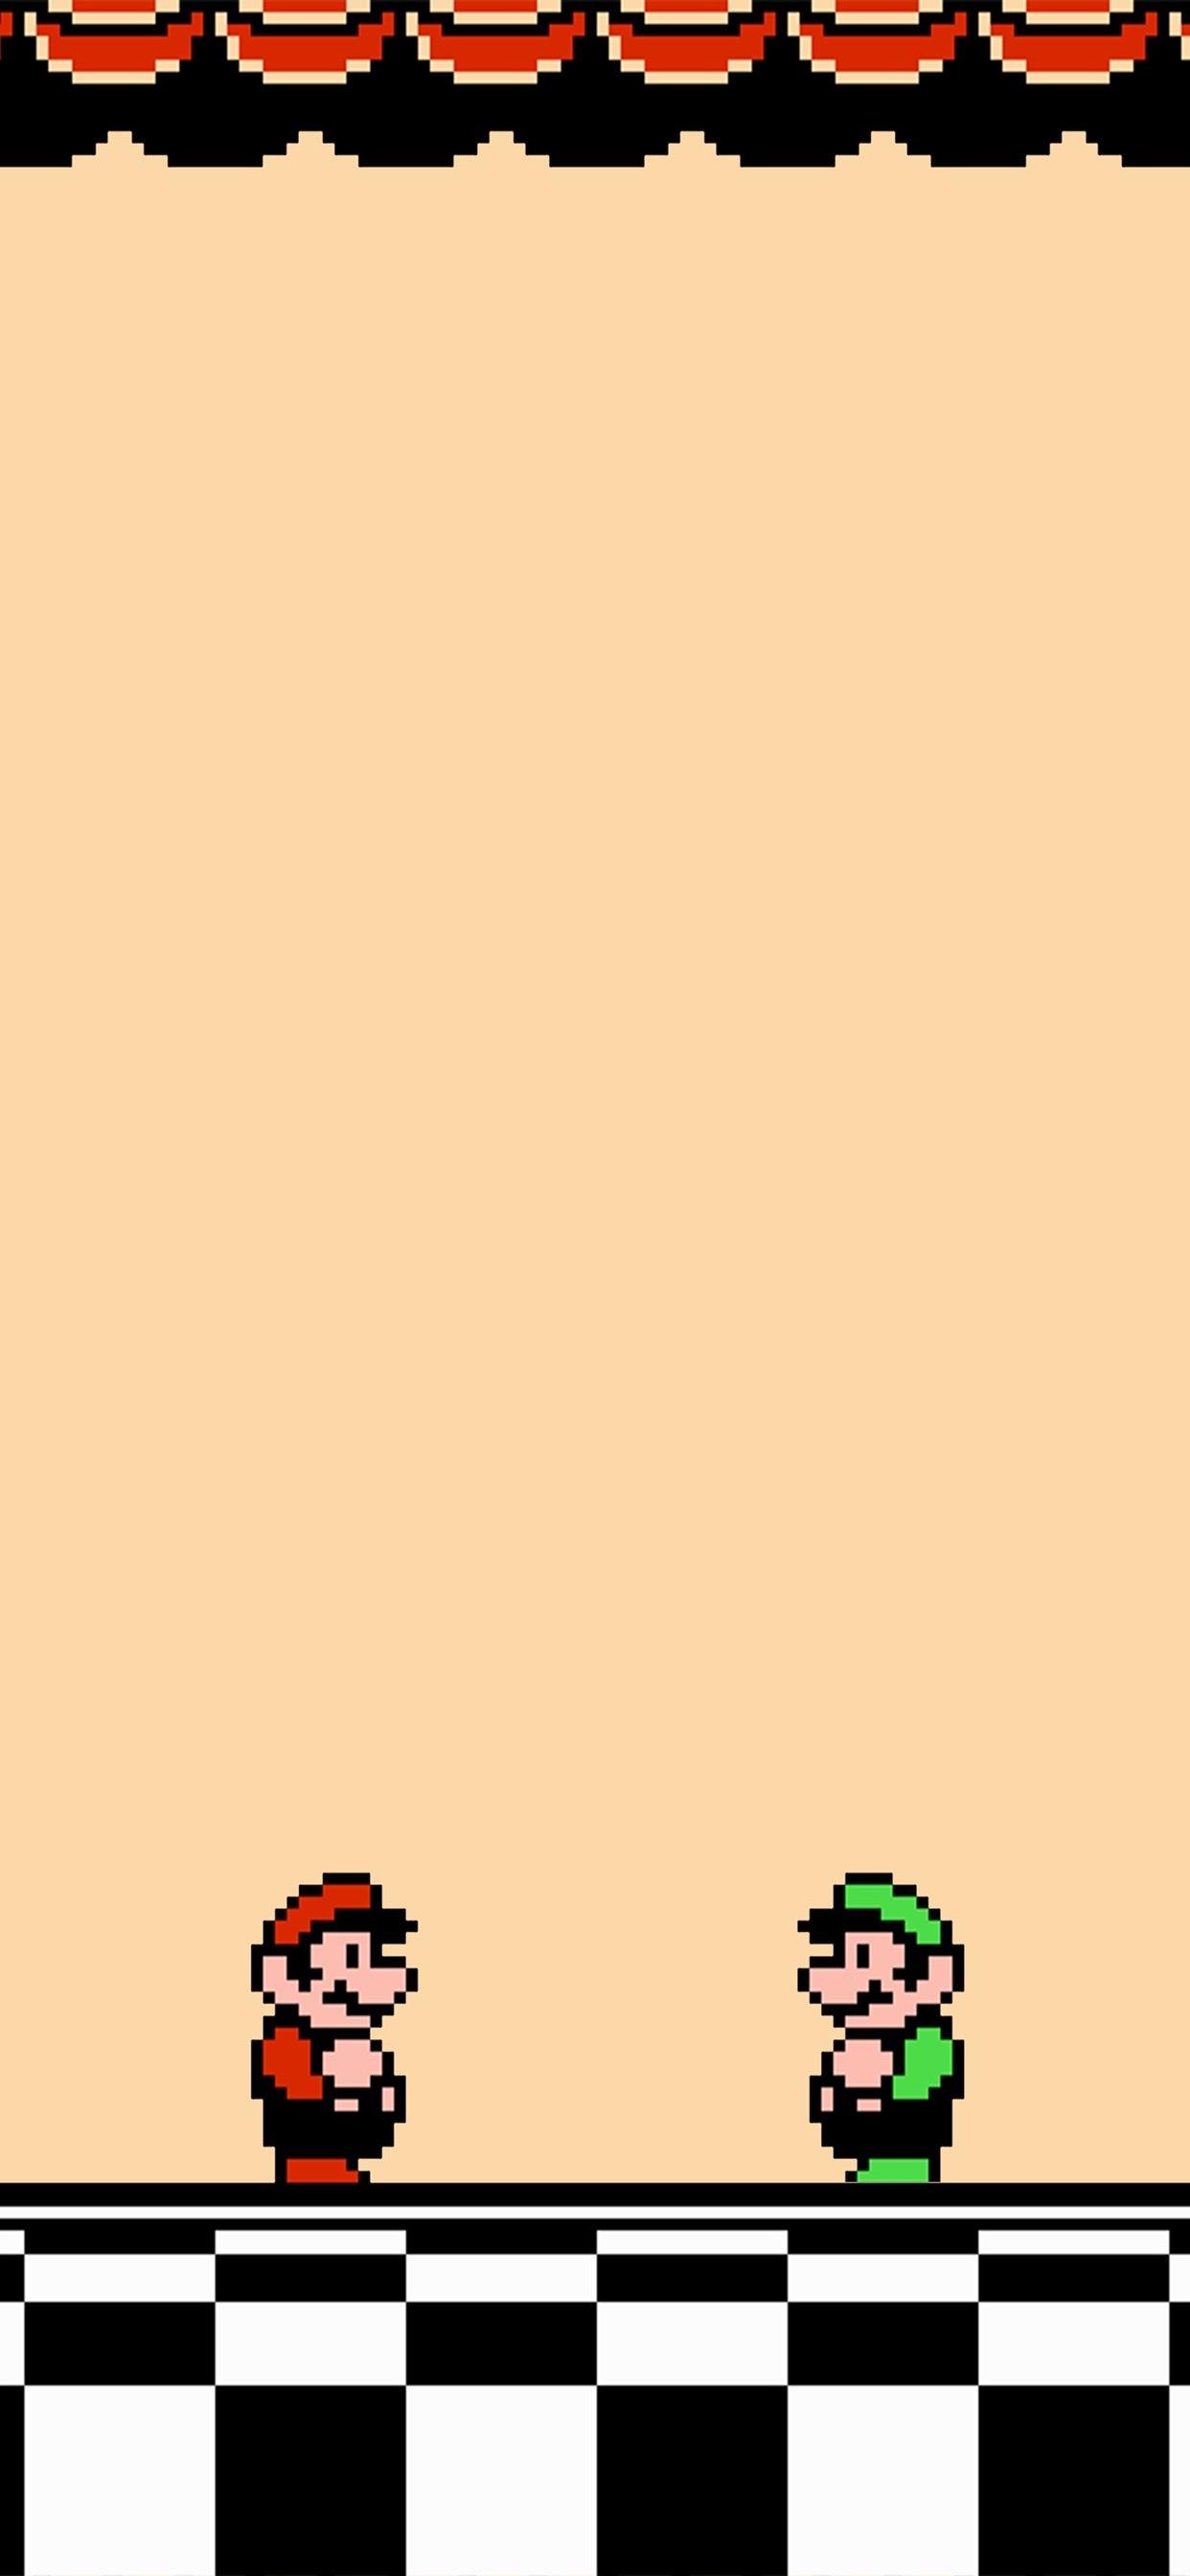 超级马里奥像素风手机壁纸